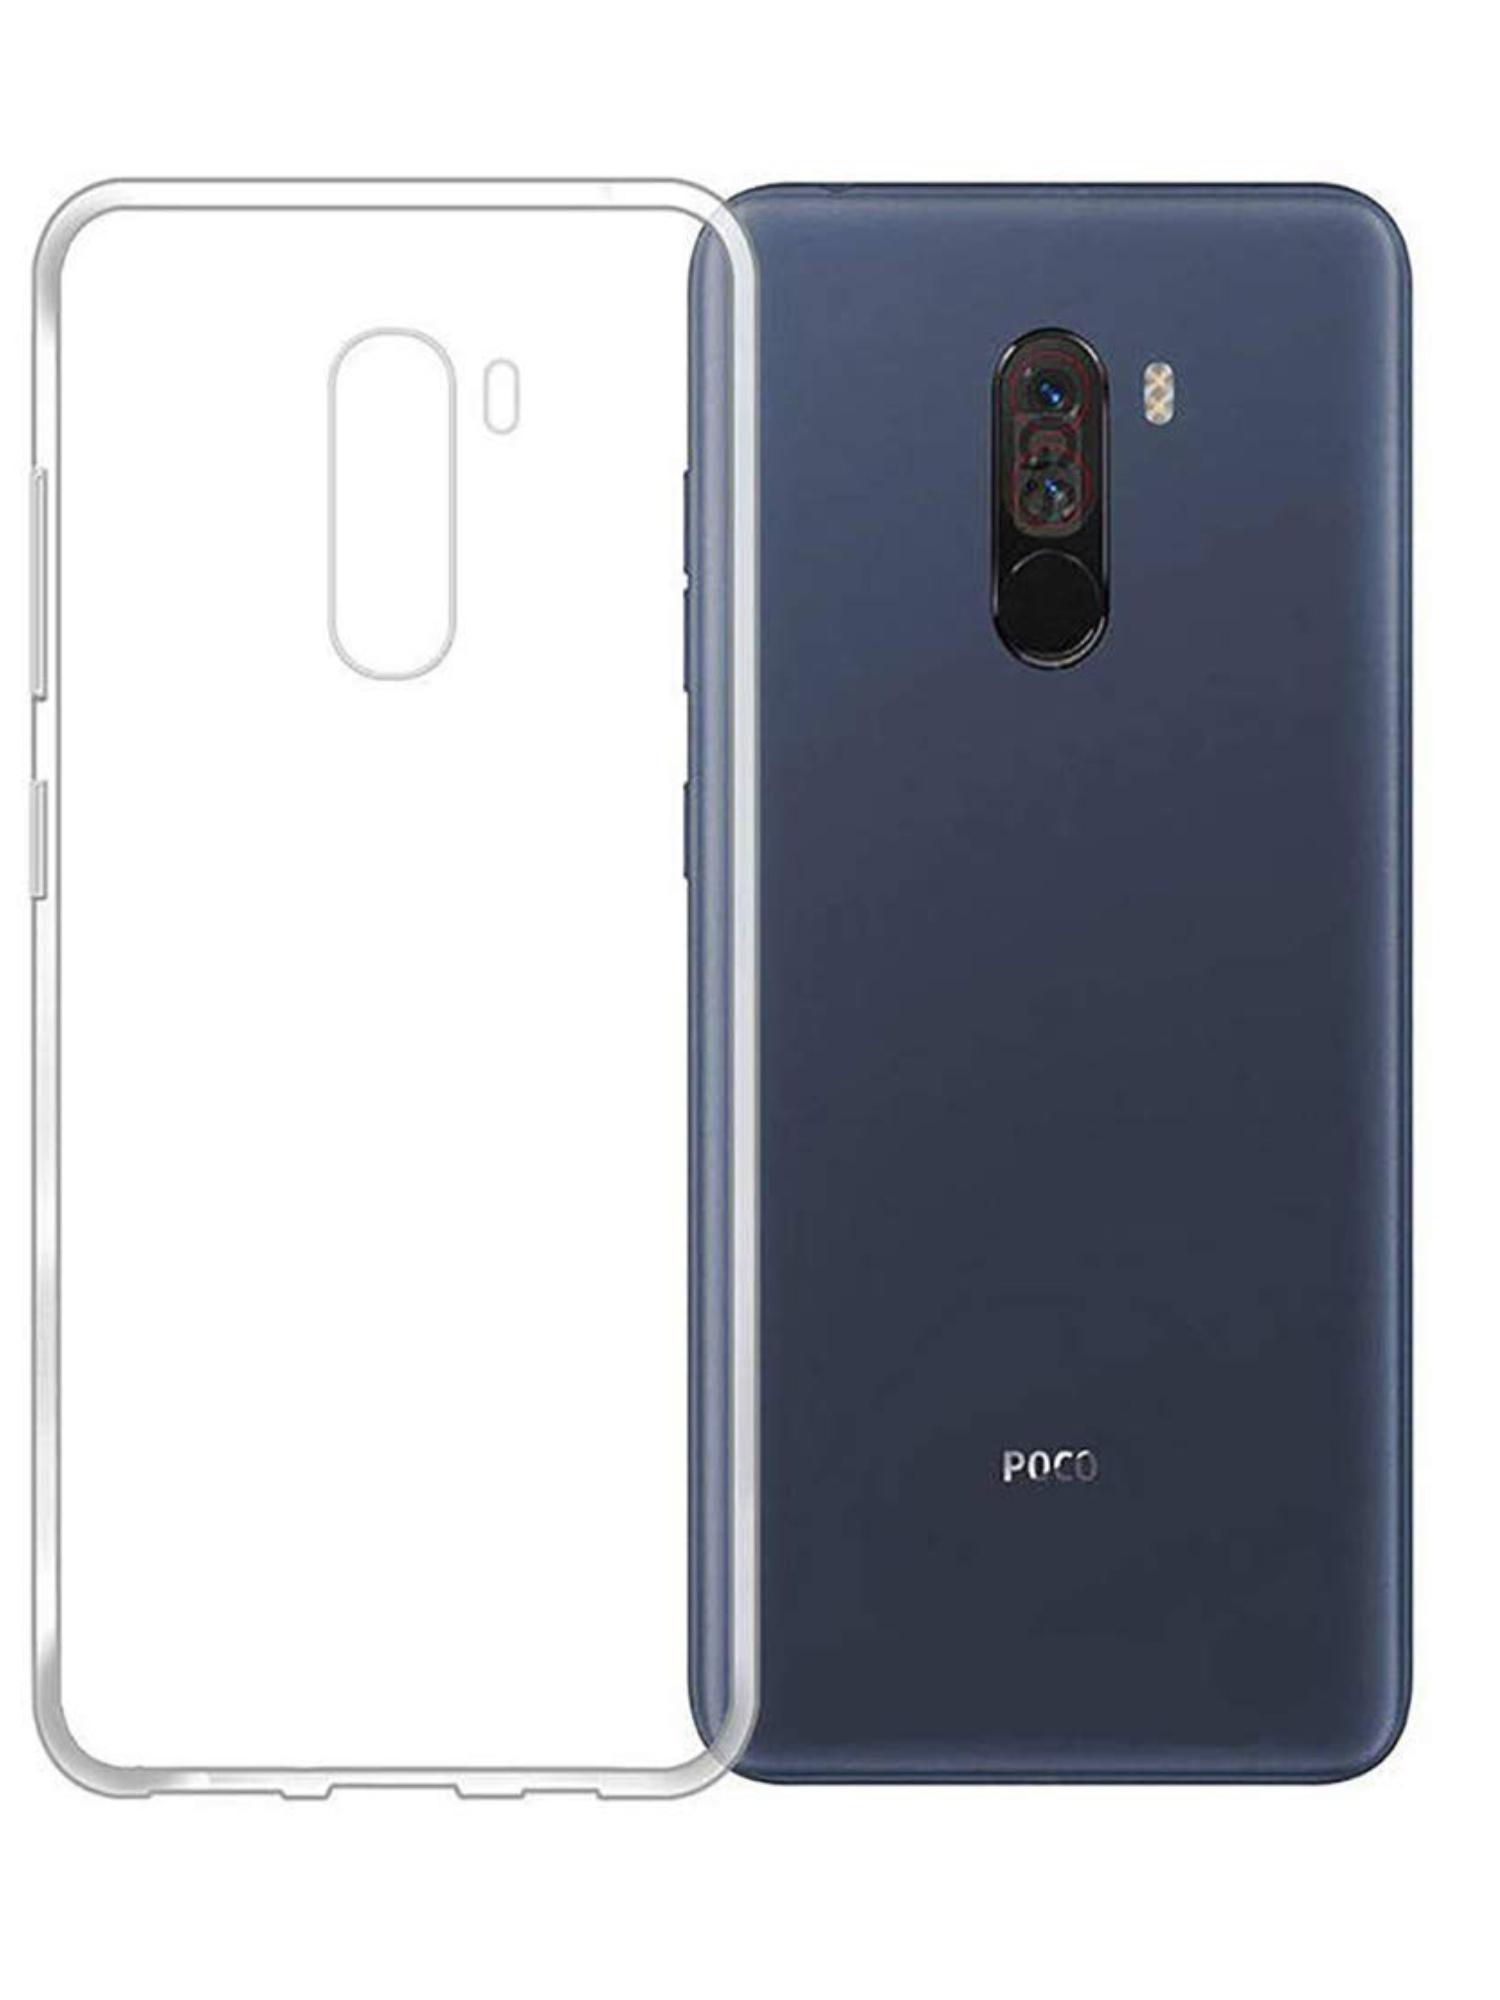 Funda de gel TPU carcasa silicona para movil Xiaomi Pocophone F1 Transparente